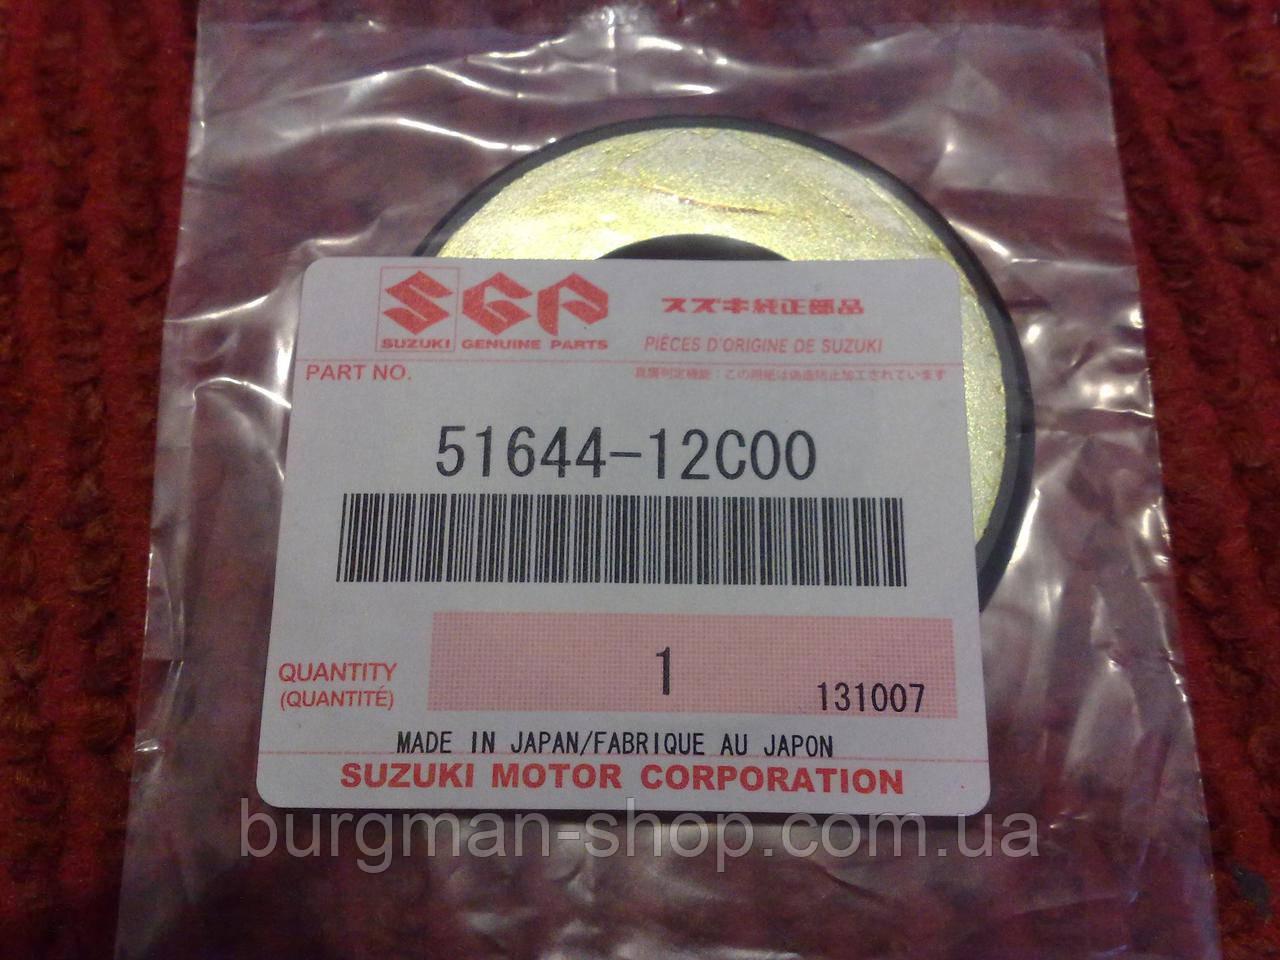 Пыльник нижнего подшипника траверсы Suzuki Burgman SkyWave 51644-12C00